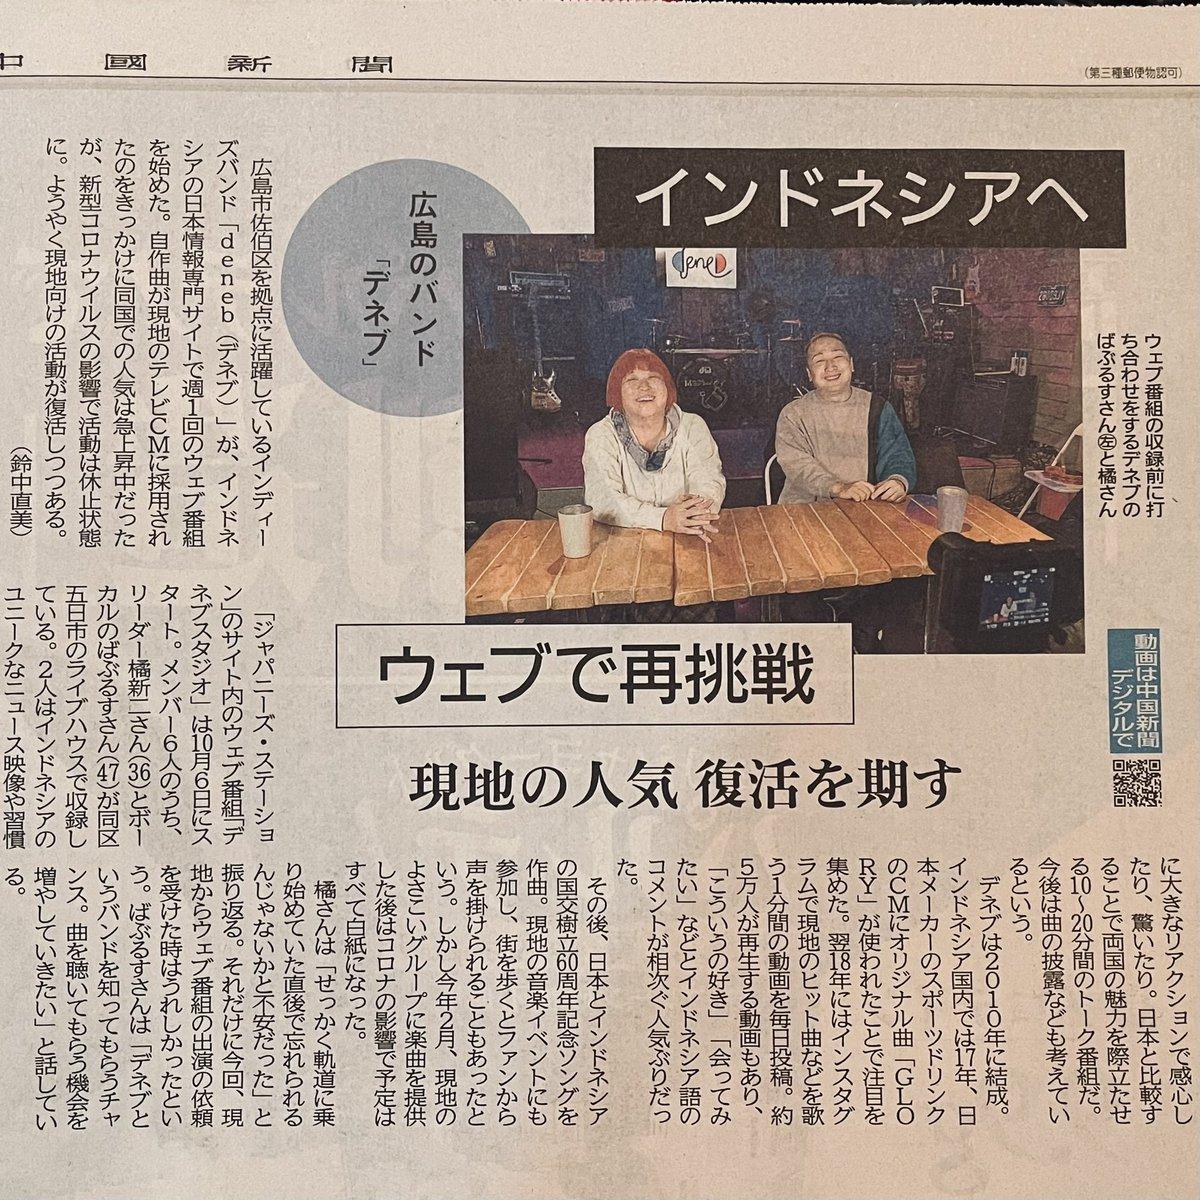 中国 新聞 デジタル